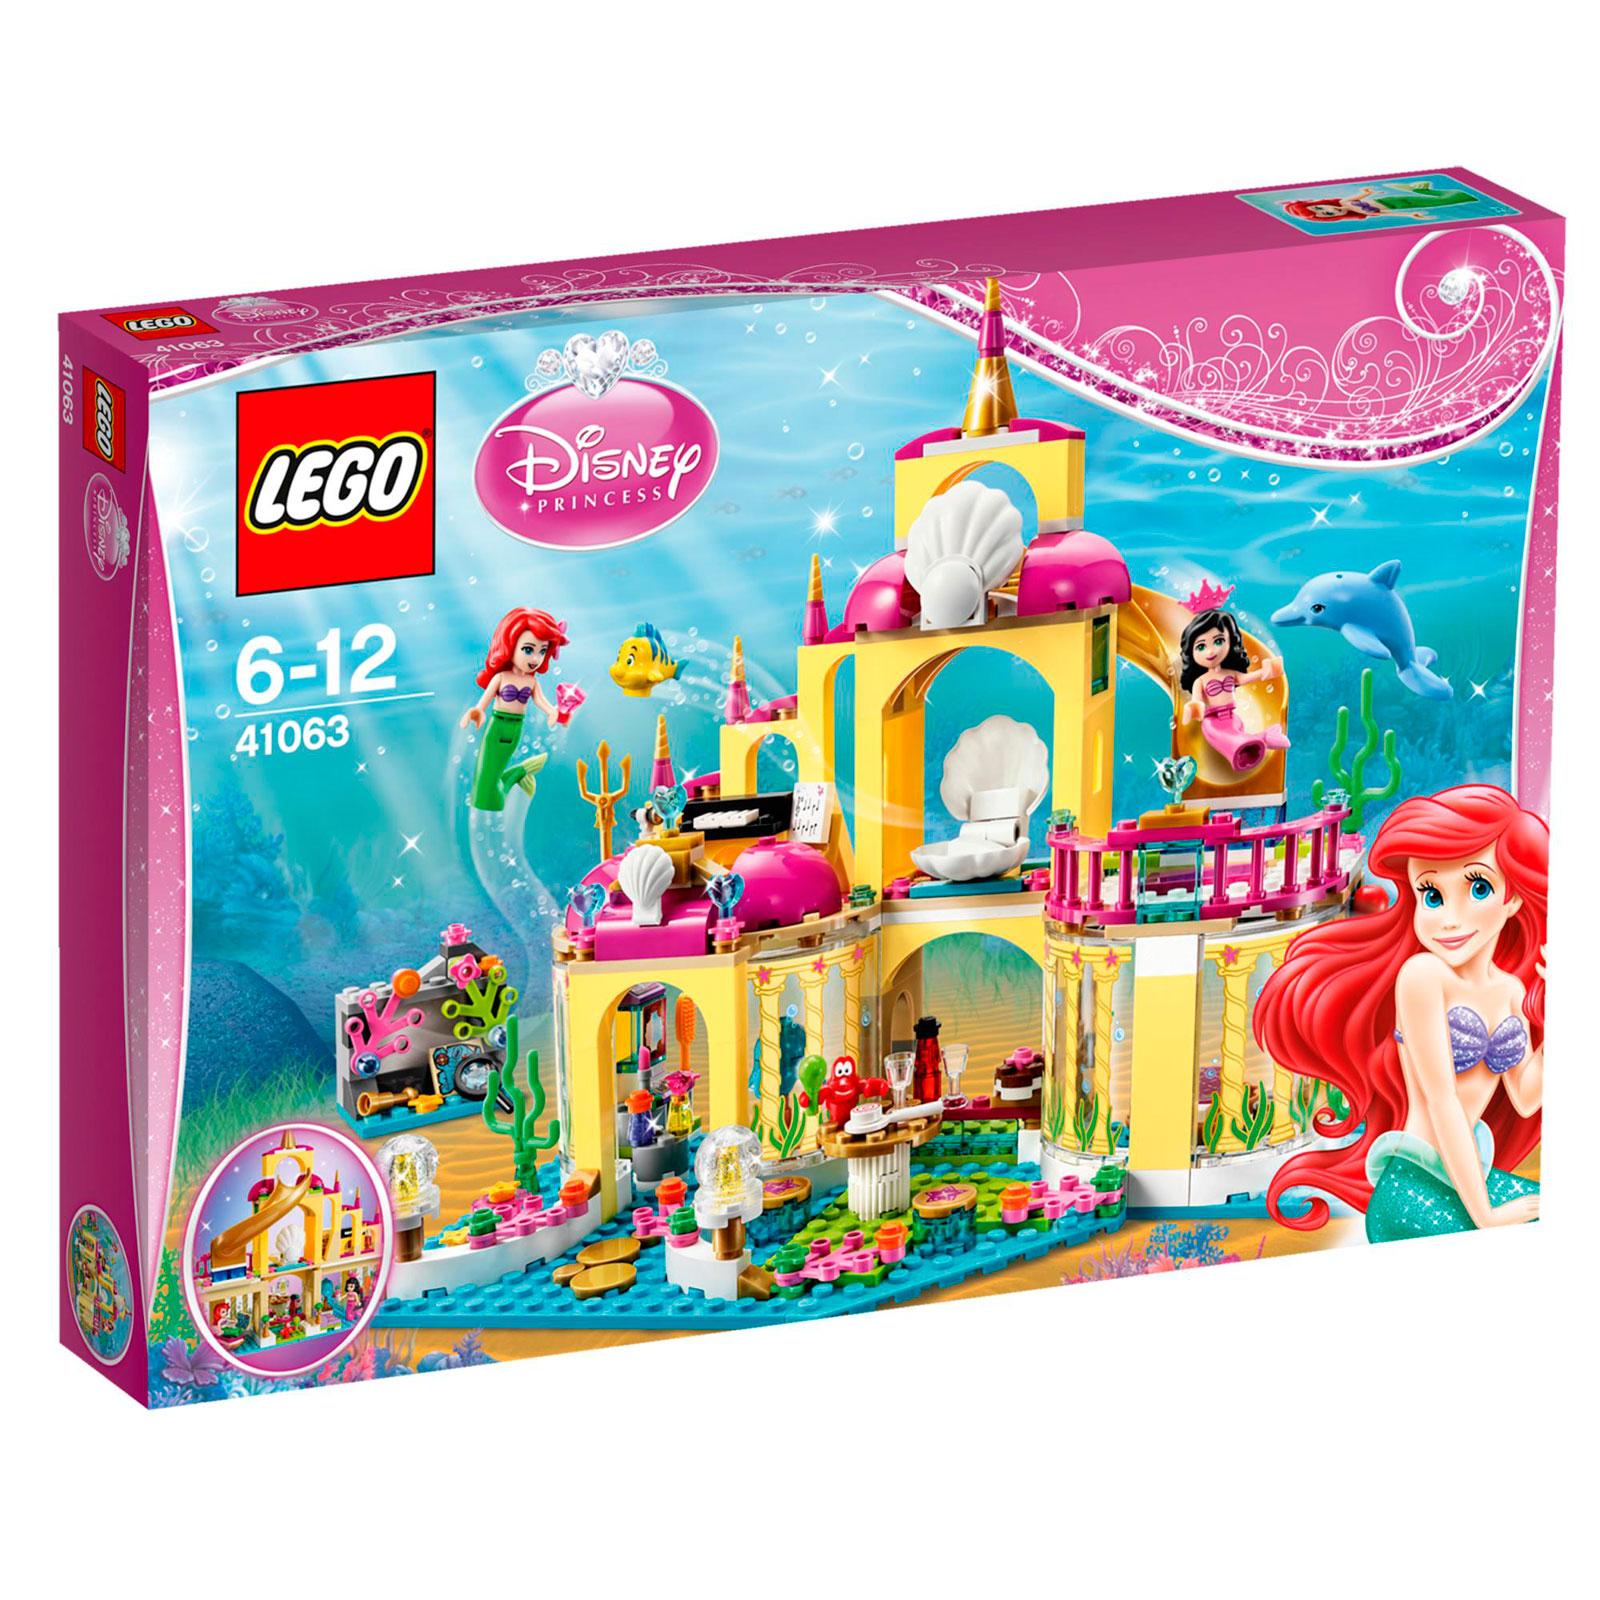 ����������� LEGO Princess 41063 ��������� ������ ������